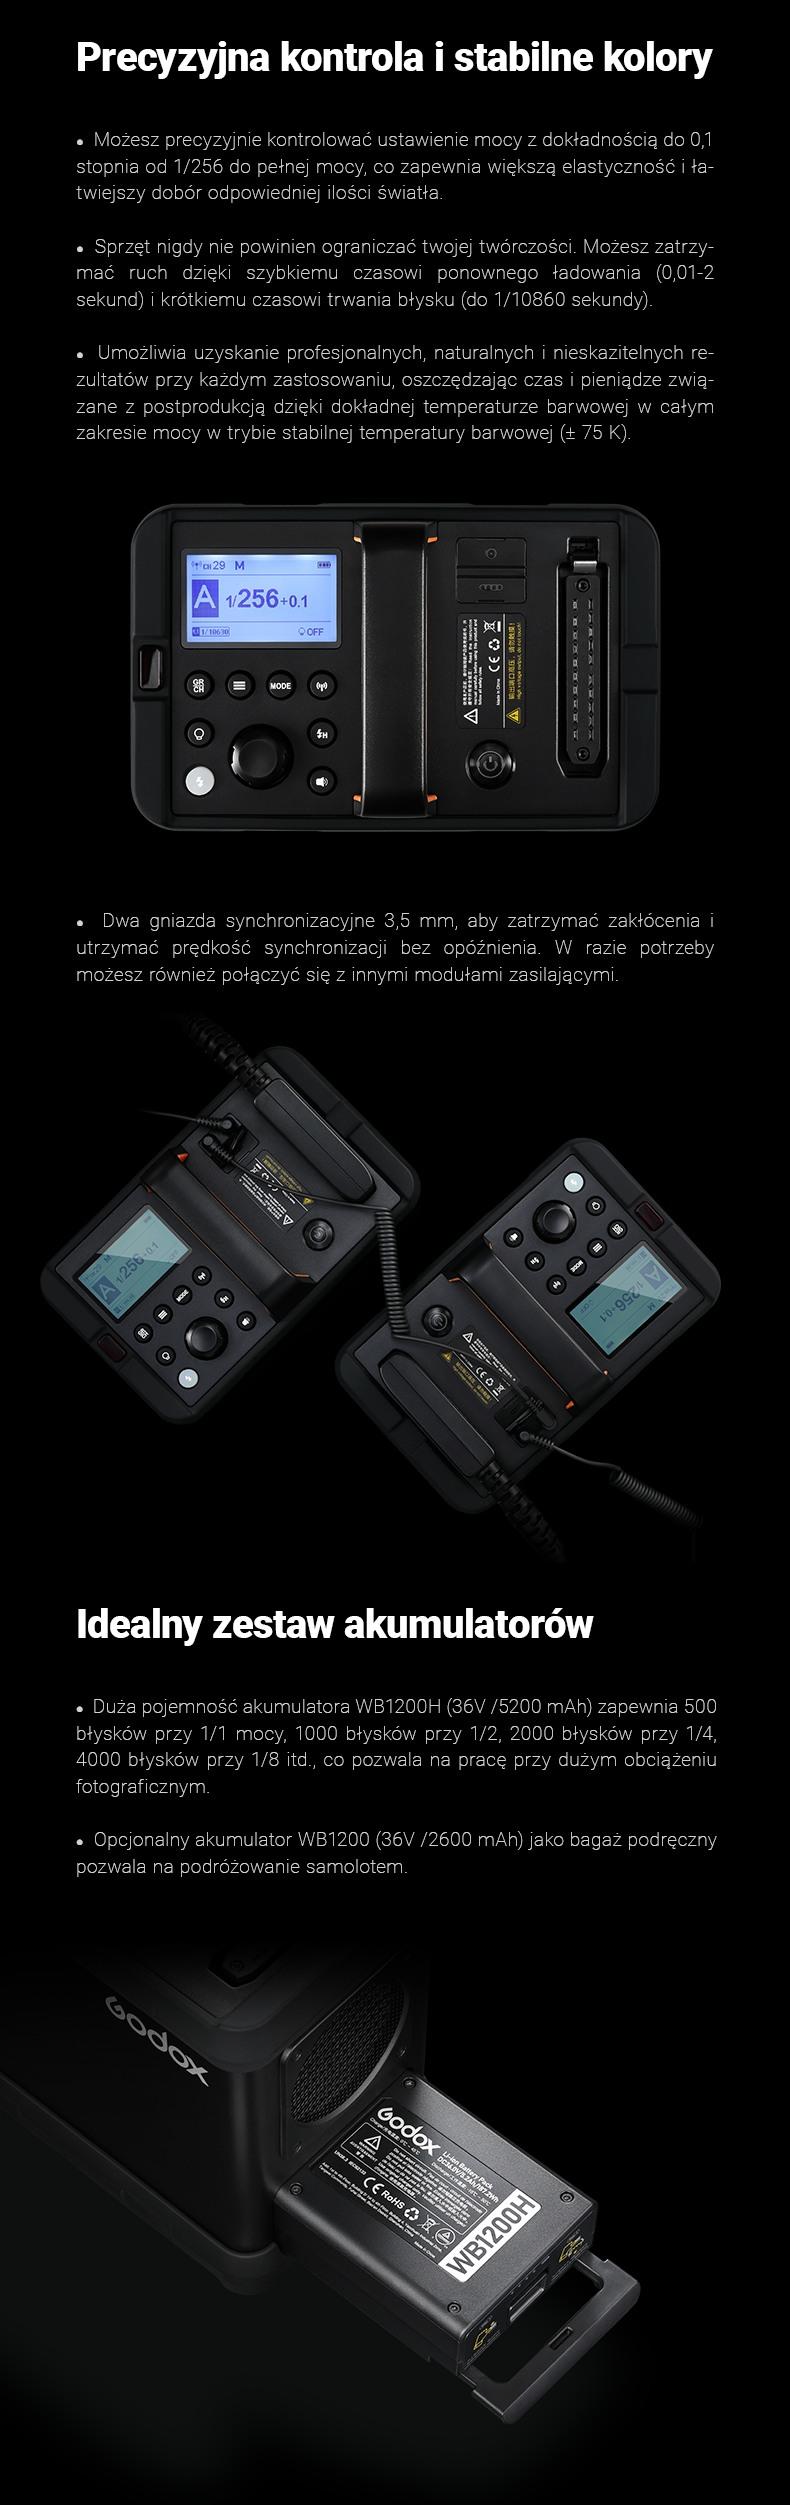 Godox AD1200Pro zestaw. Precyzyjna kontrola i stabilne kolory. Krótki czas trwania błysku (1/10860) i stabilna temperatura barwowa (+-75K). Idealny zestaw akumulatorów.